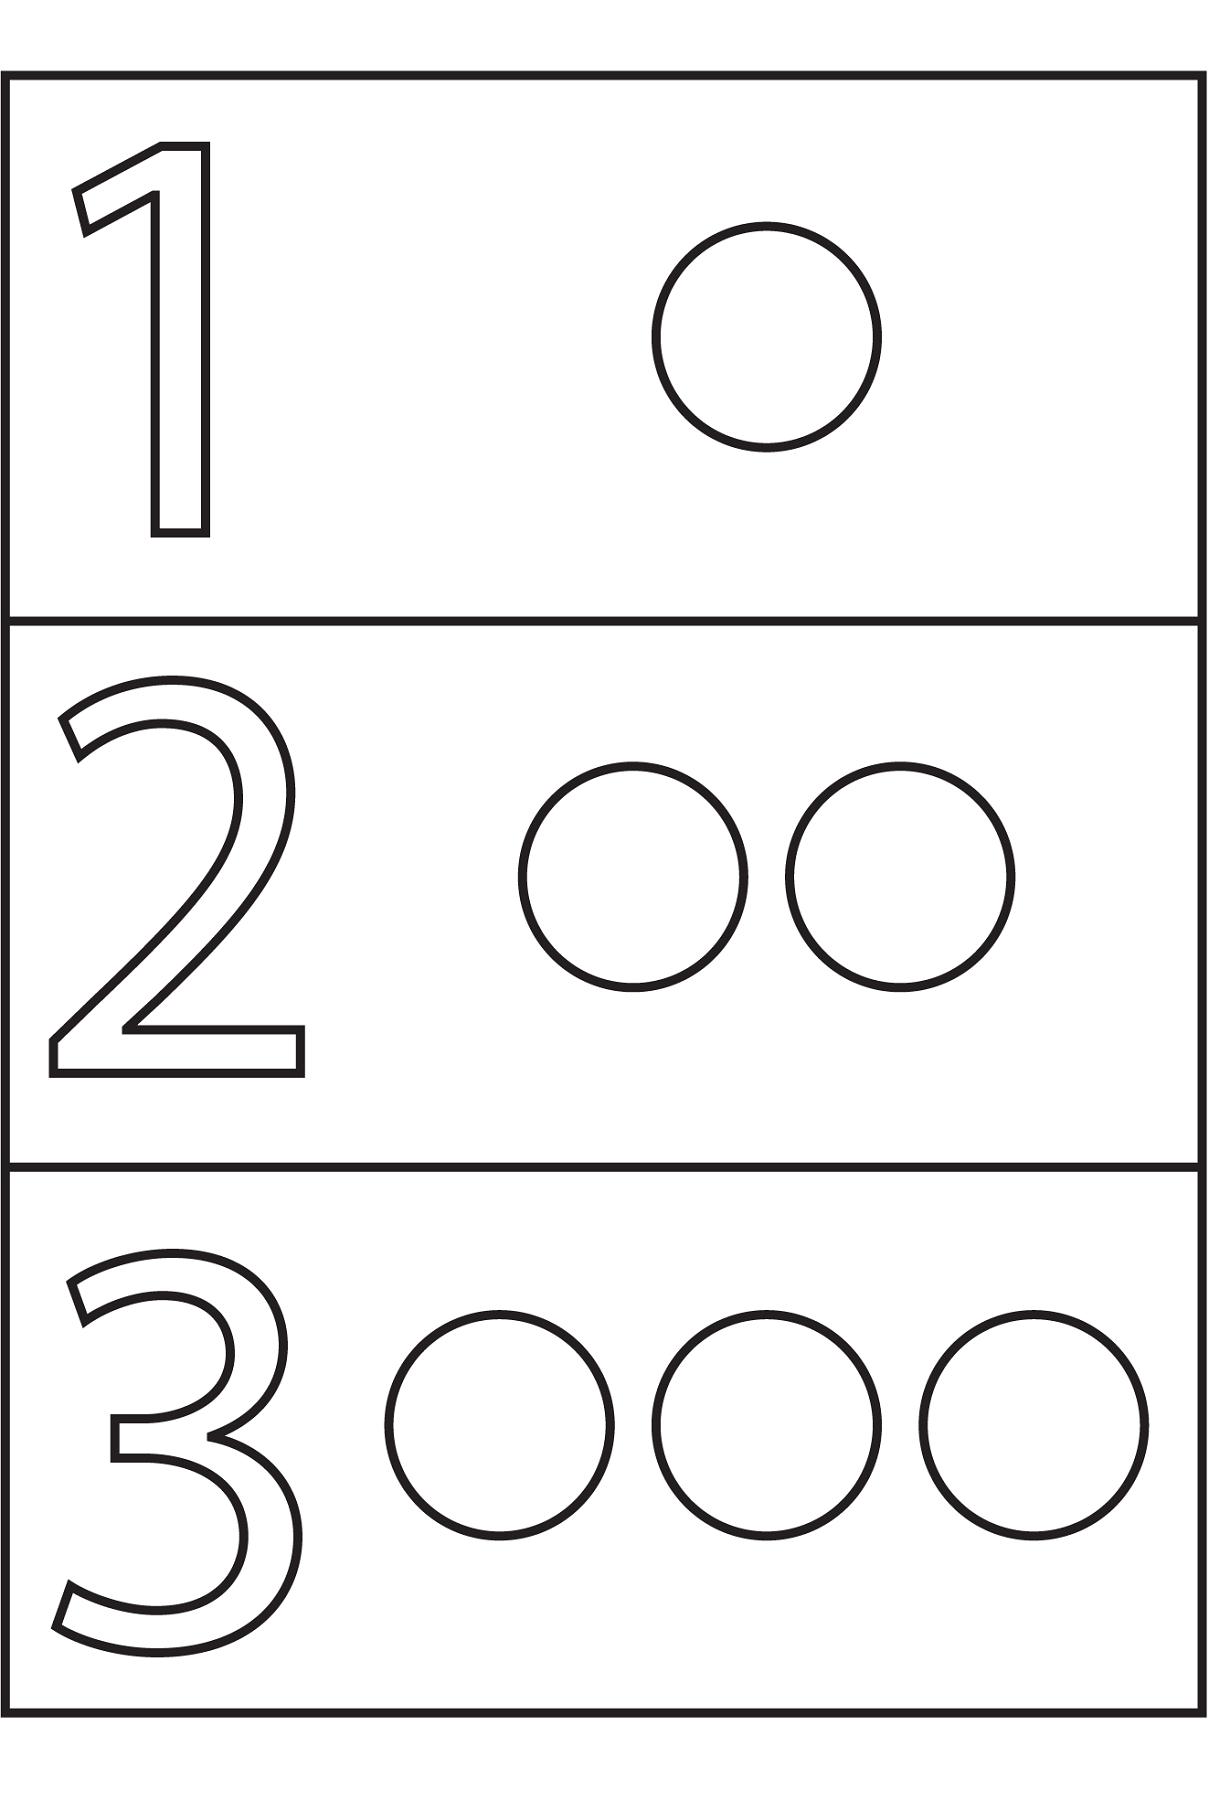 Shapes And Number Worksheets For Kids | Activity Shelter | Kids ...